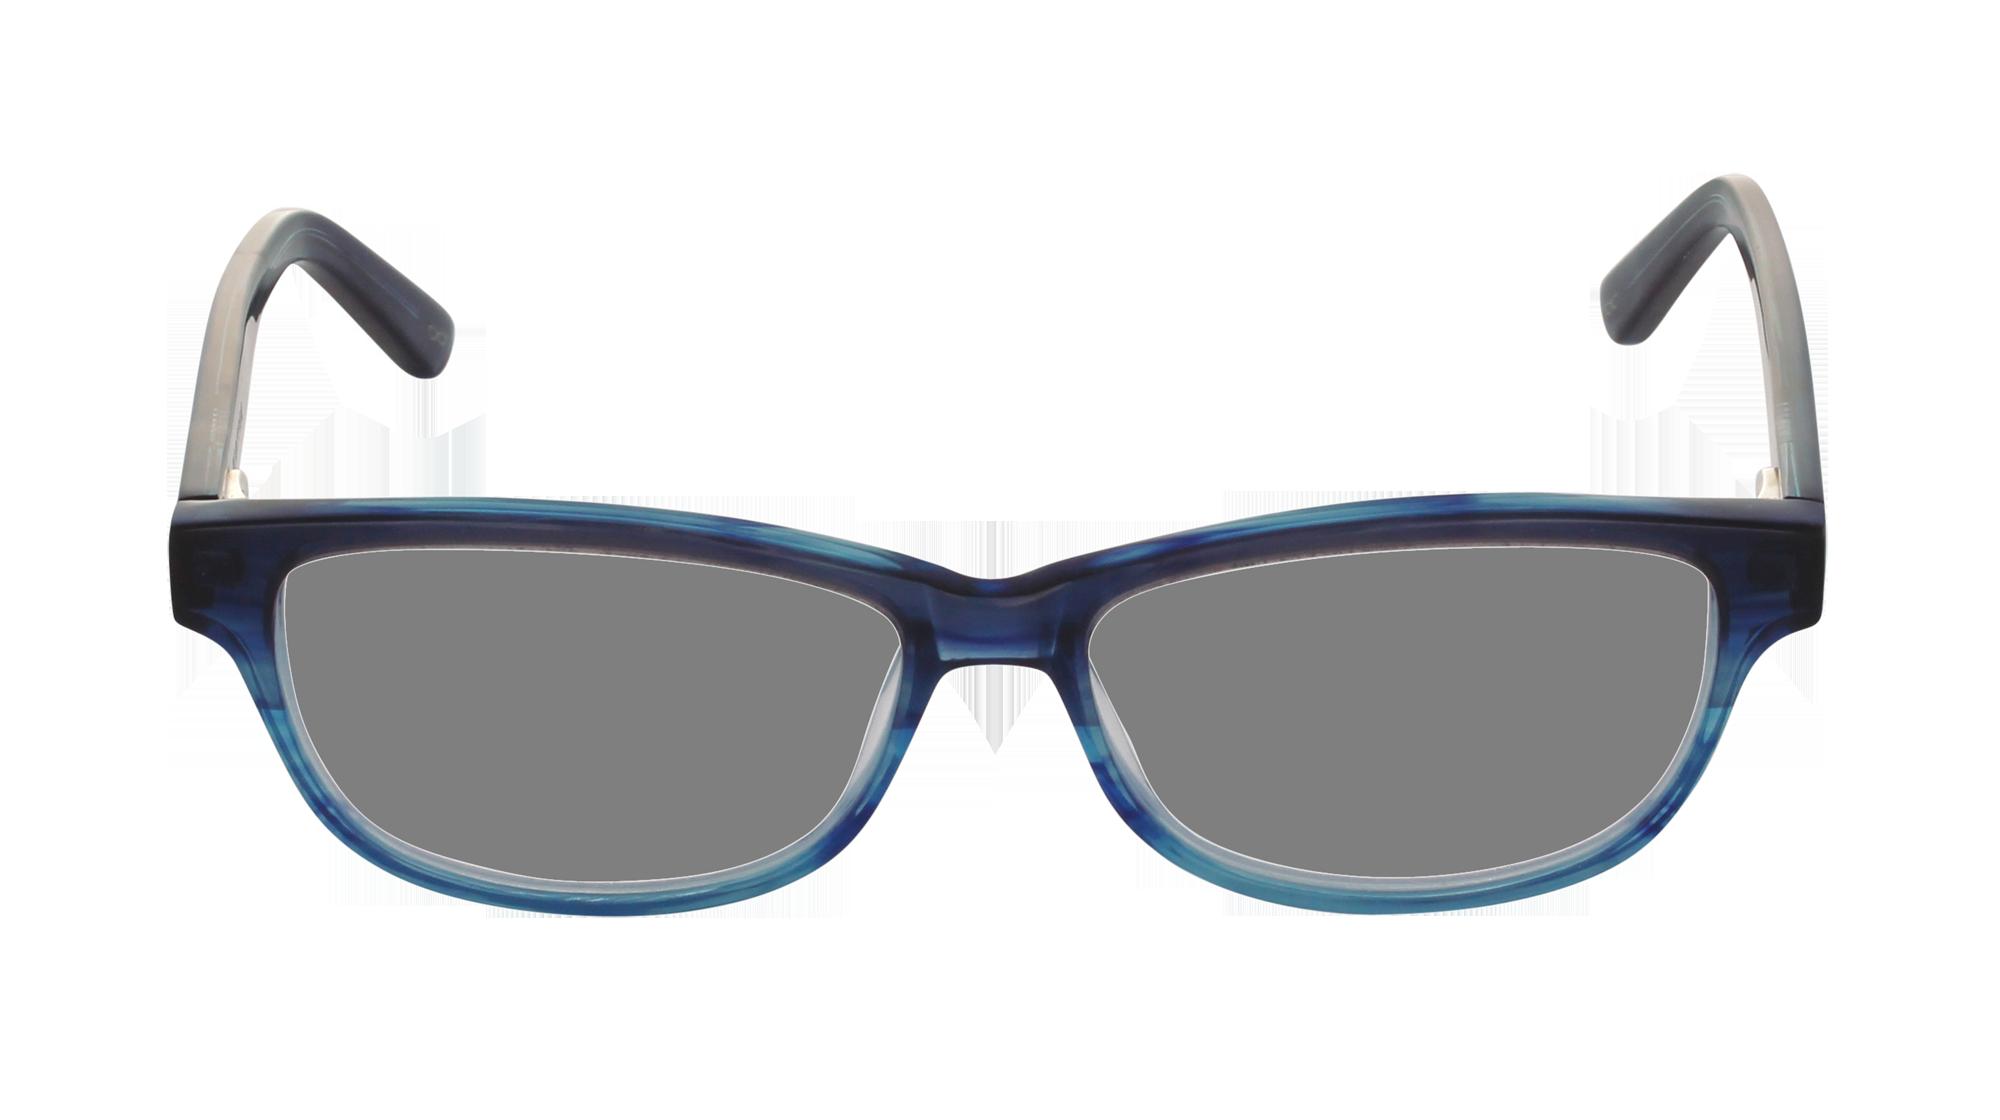 Glasses HD PNG - 96259